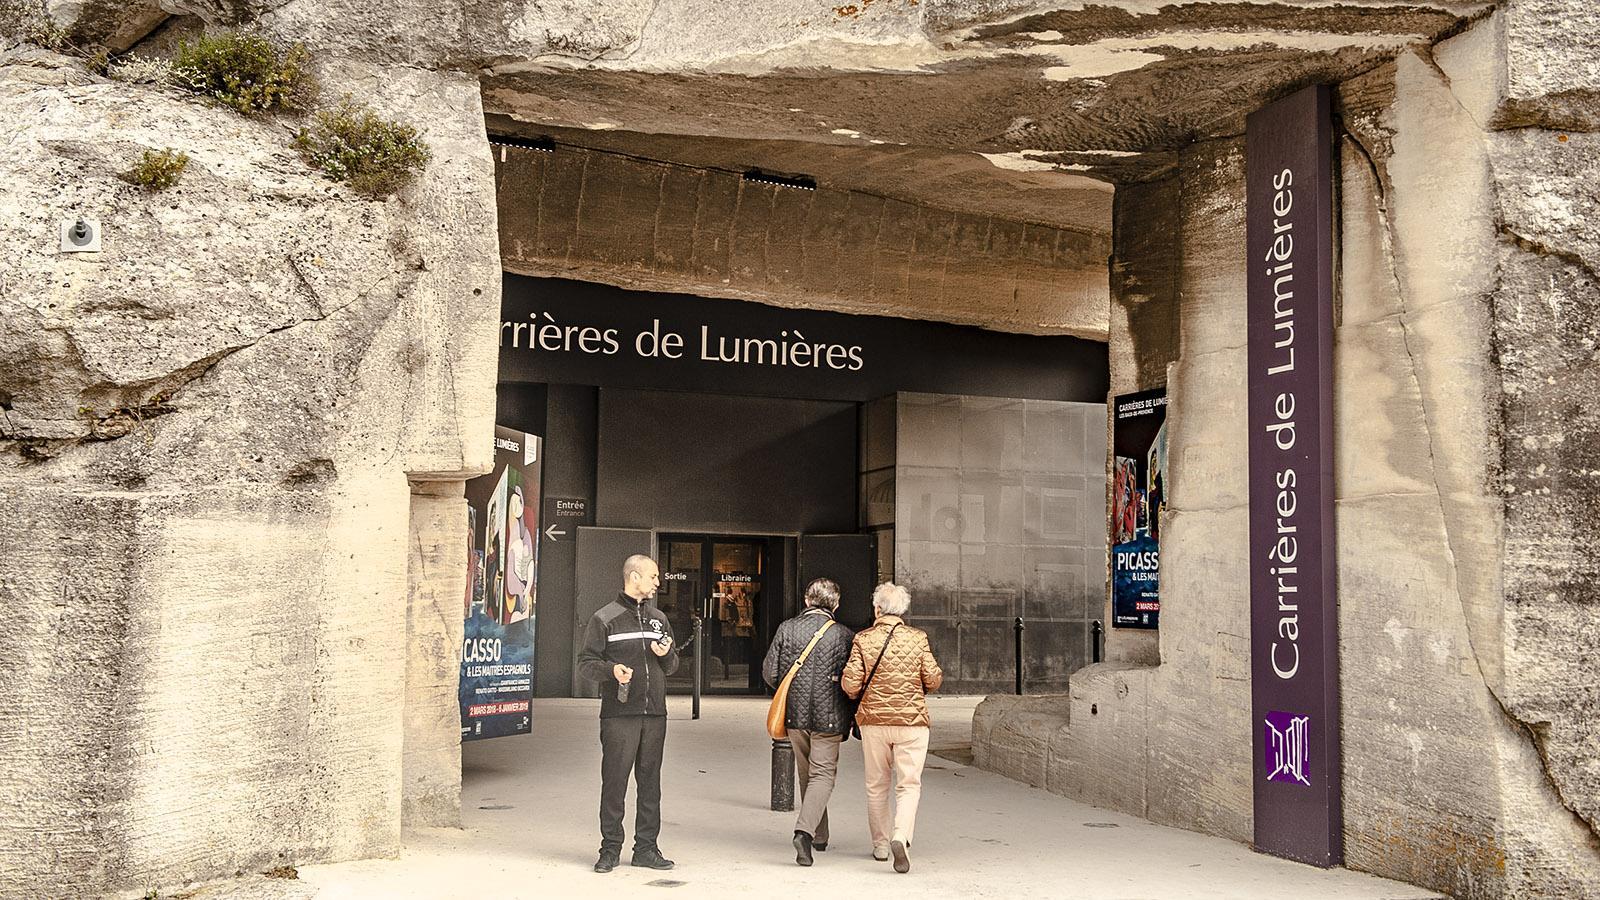 Les Baux-de-Provence: Carrieres de Lumières, Eingang, Foto: Hilke Maunder